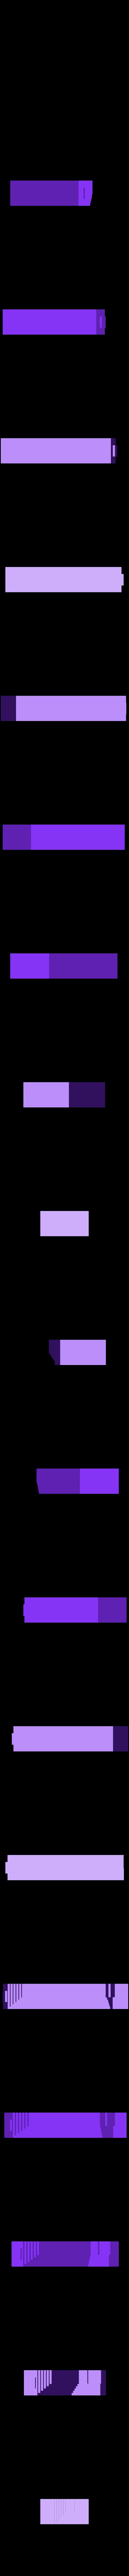 Three_First_National_Plaza.stl Télécharger fichier STL gratuit Mise à jour de Chicago • Plan pour impression 3D, Urukgar4D